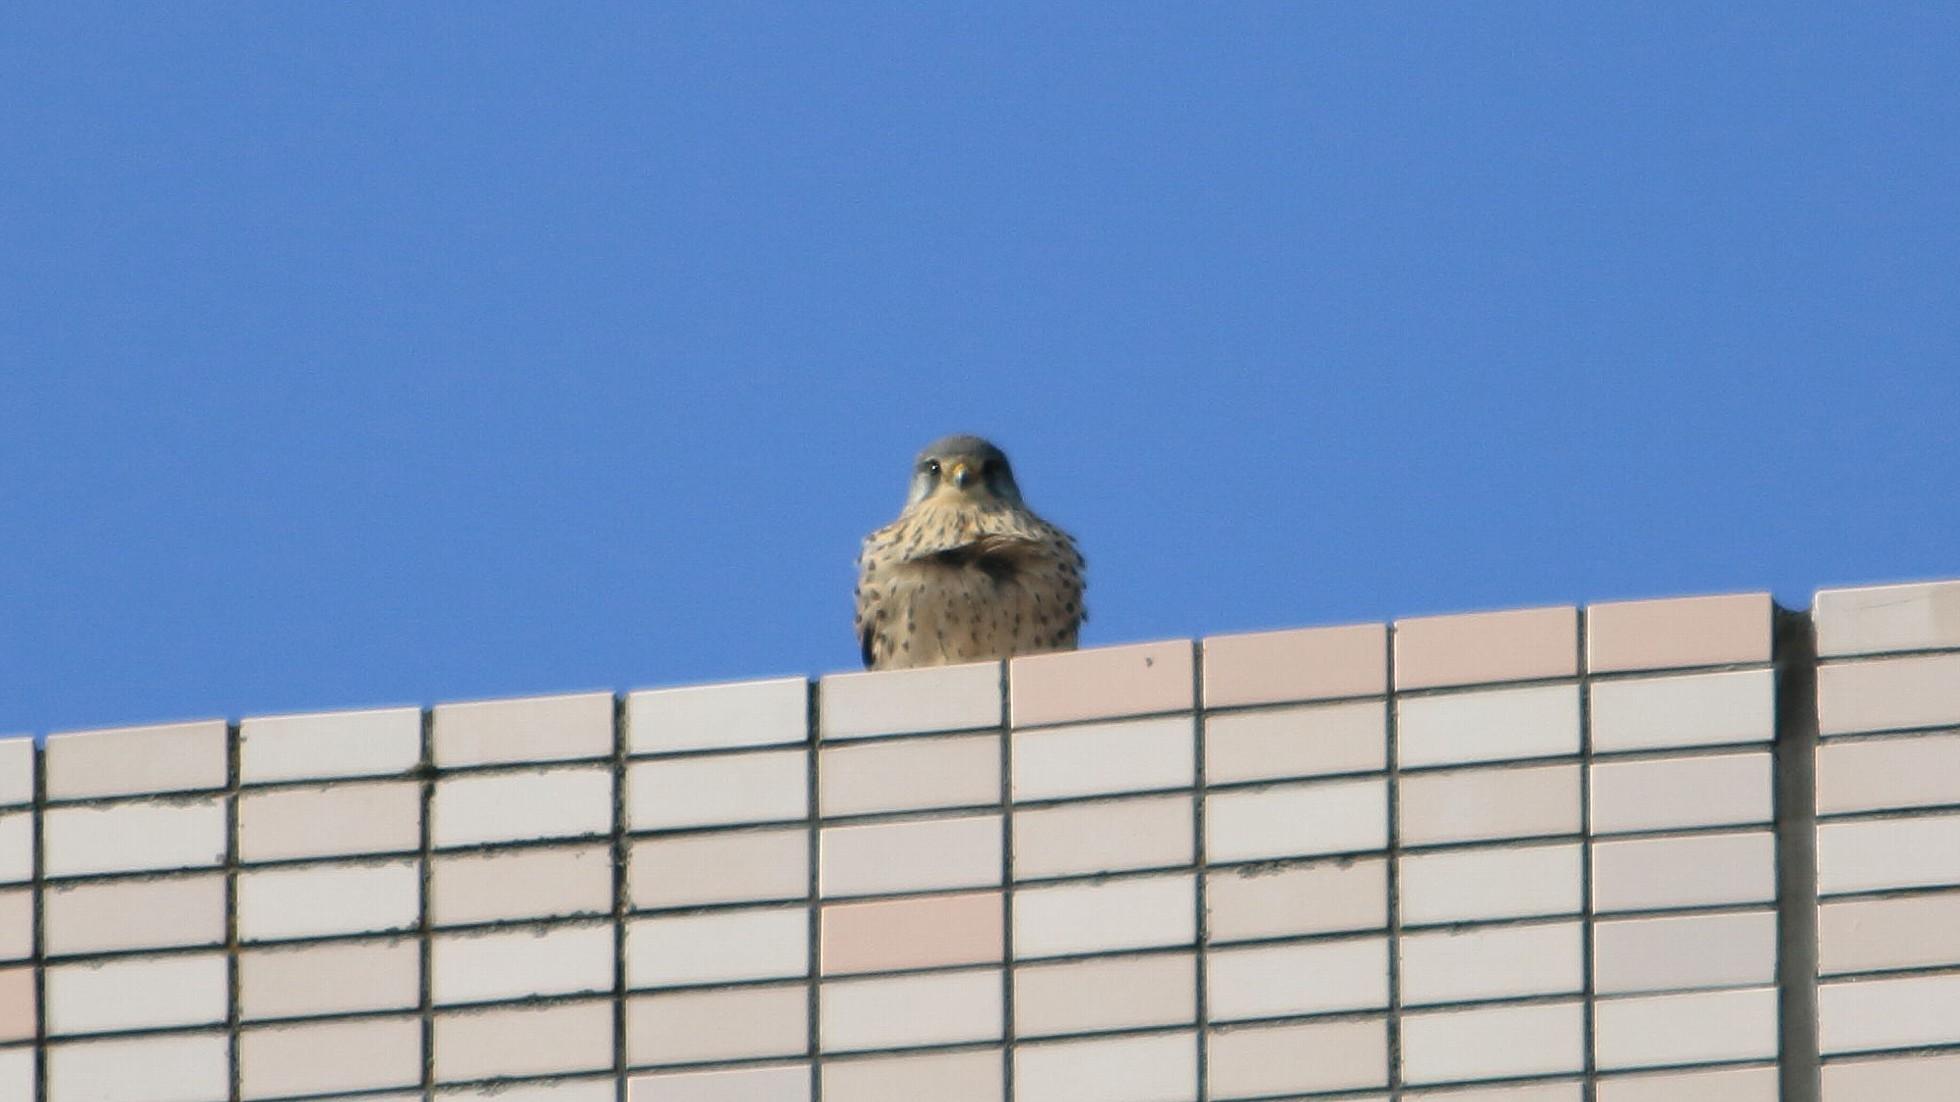 自宅マンション屋上で高みの見物のチョウゲンボウ雄_f0105570_18202701.jpg